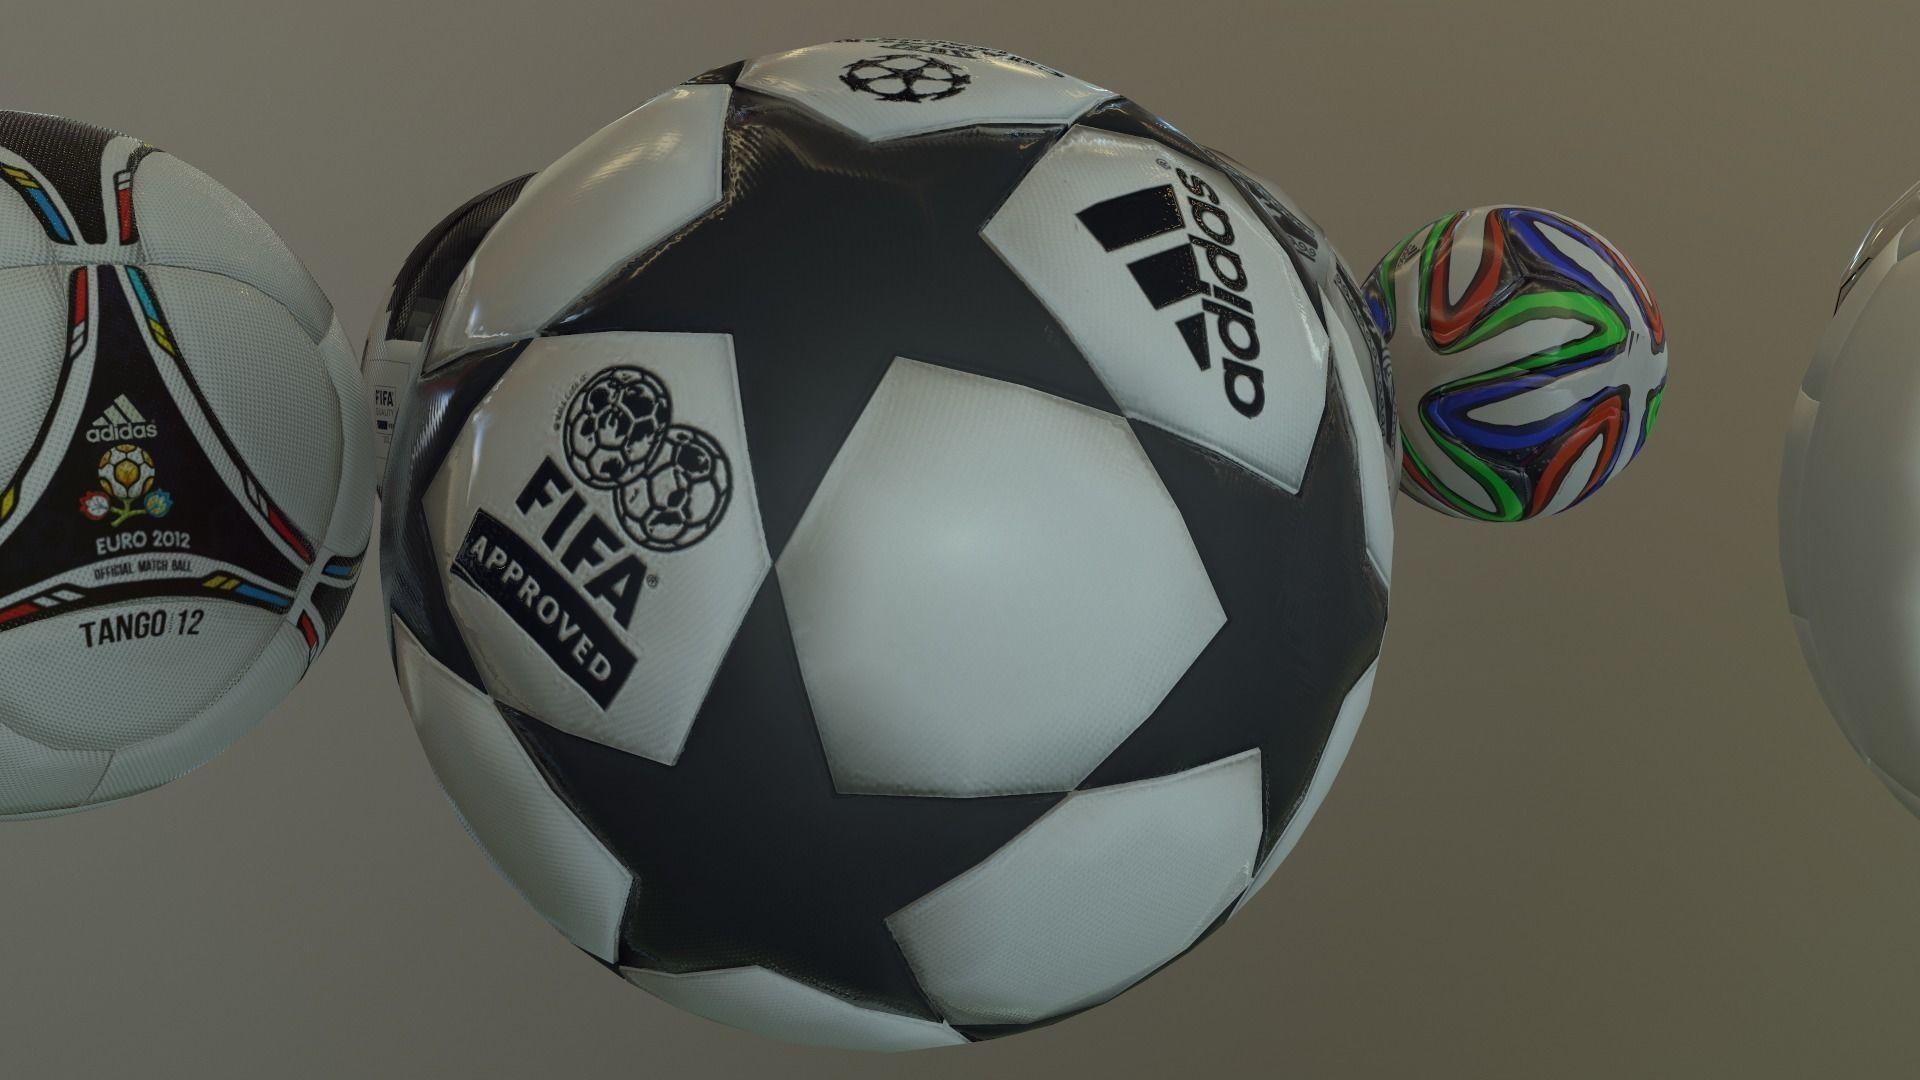 2019 uefa champions league ball 3d model cgtrader cgtrader